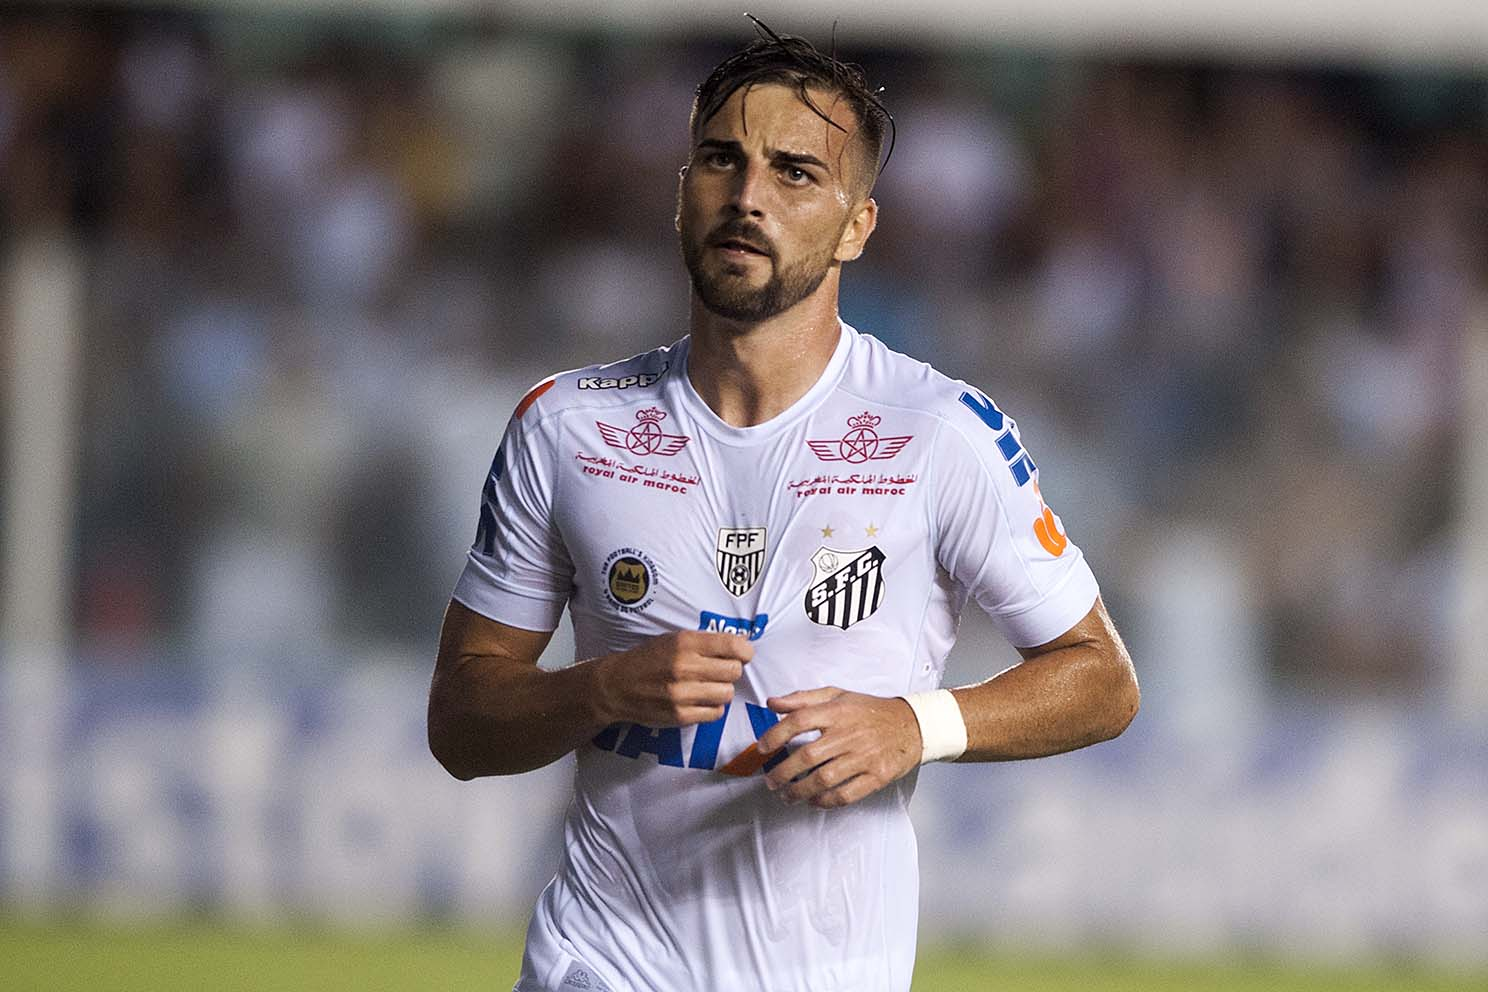 Rafael Longuine